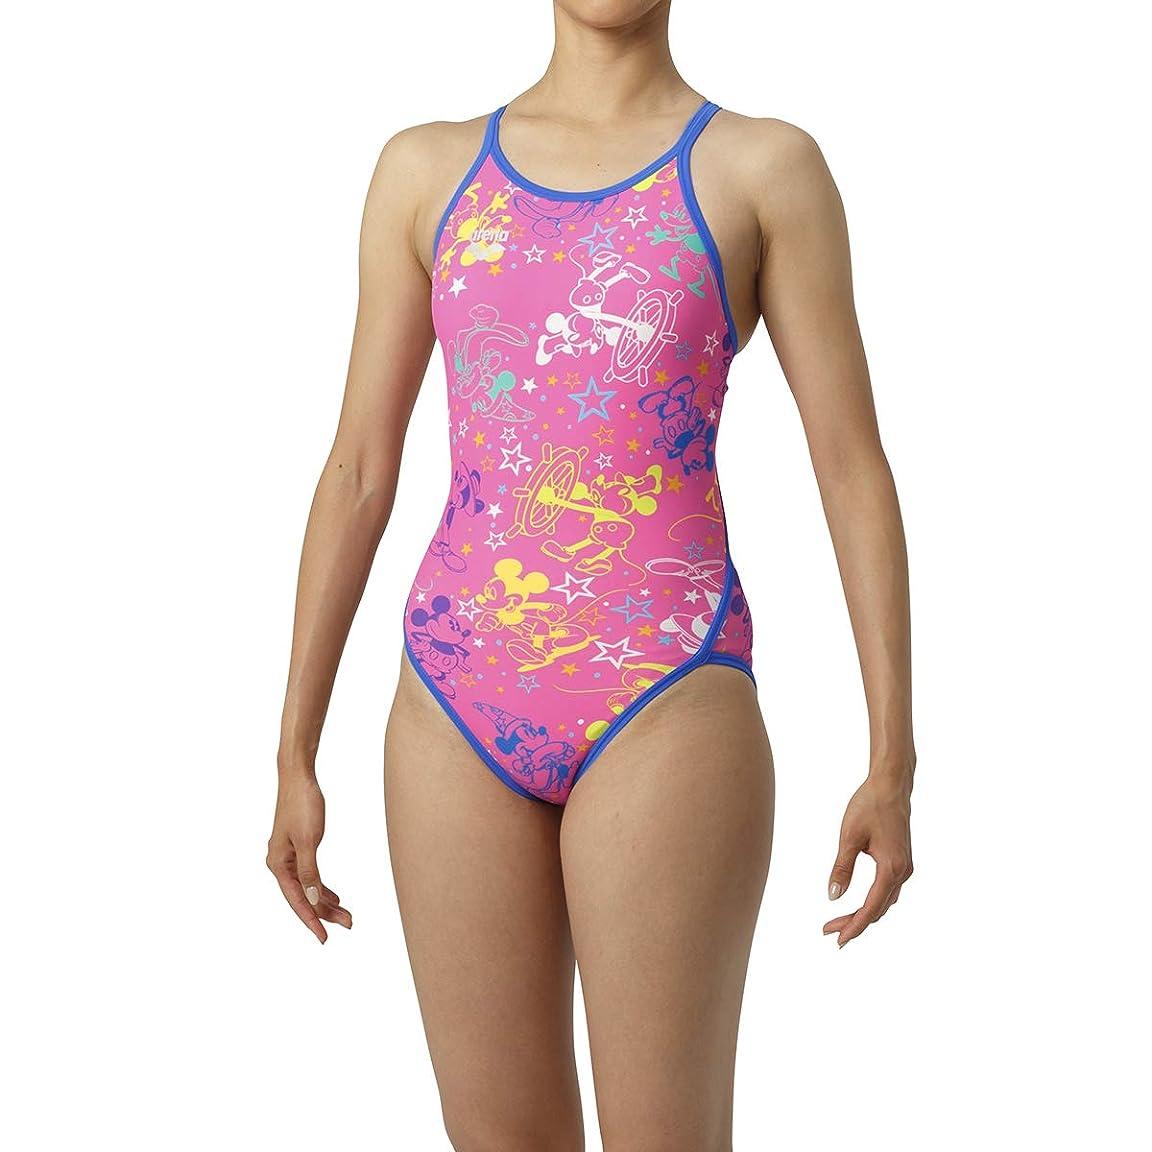 指令麻酔薬グラディスarena(アリーナ) ディズニー トレーニング 競泳用 水着 スーパーフライバック DIS-9303W